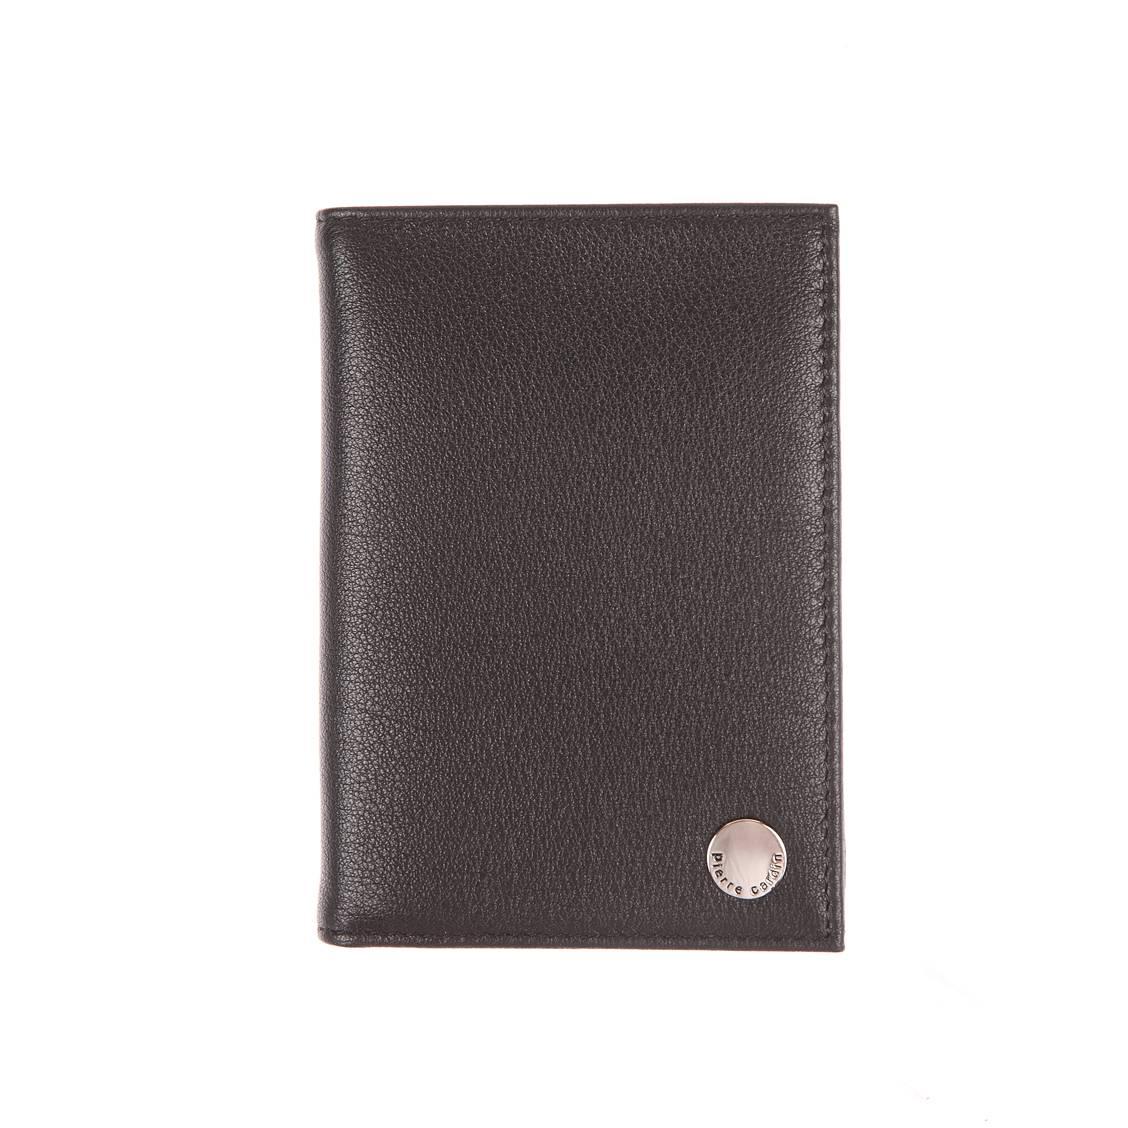 Portefeuille européen 4 volets pierre cardin en cuir grainé noir à porte-monnaie zippé